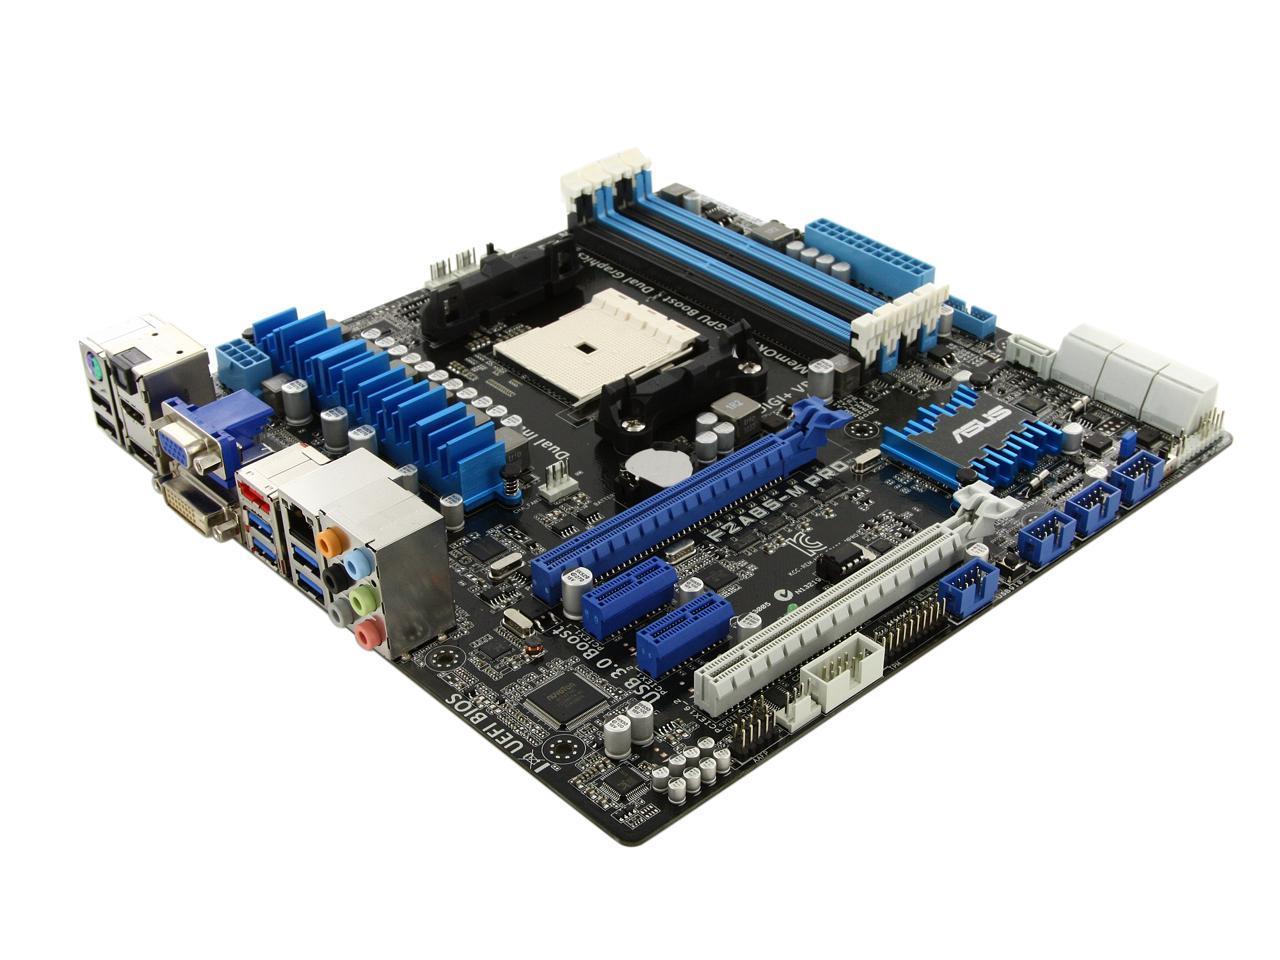 A85x Atx 6gb M Fm2 D4 3 Micro Hudson Motherboar Sata Usb Amd Asus Pro F2a85 0 S Amd Hdmi